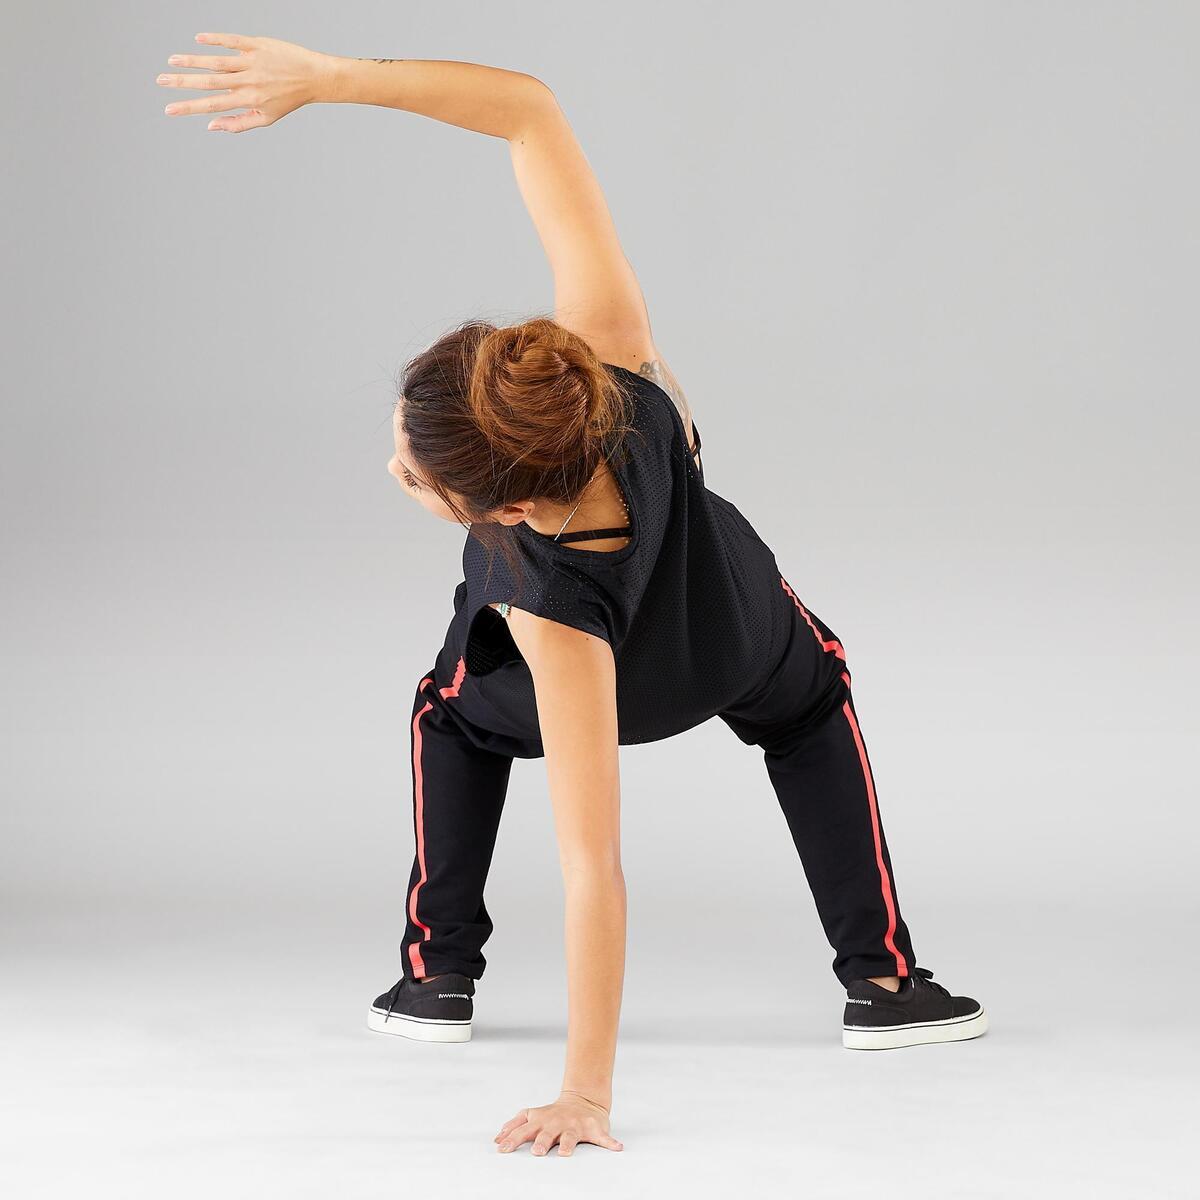 Bild 4 von Top Street Dance Damen extrem atmungsaktiv schwarz